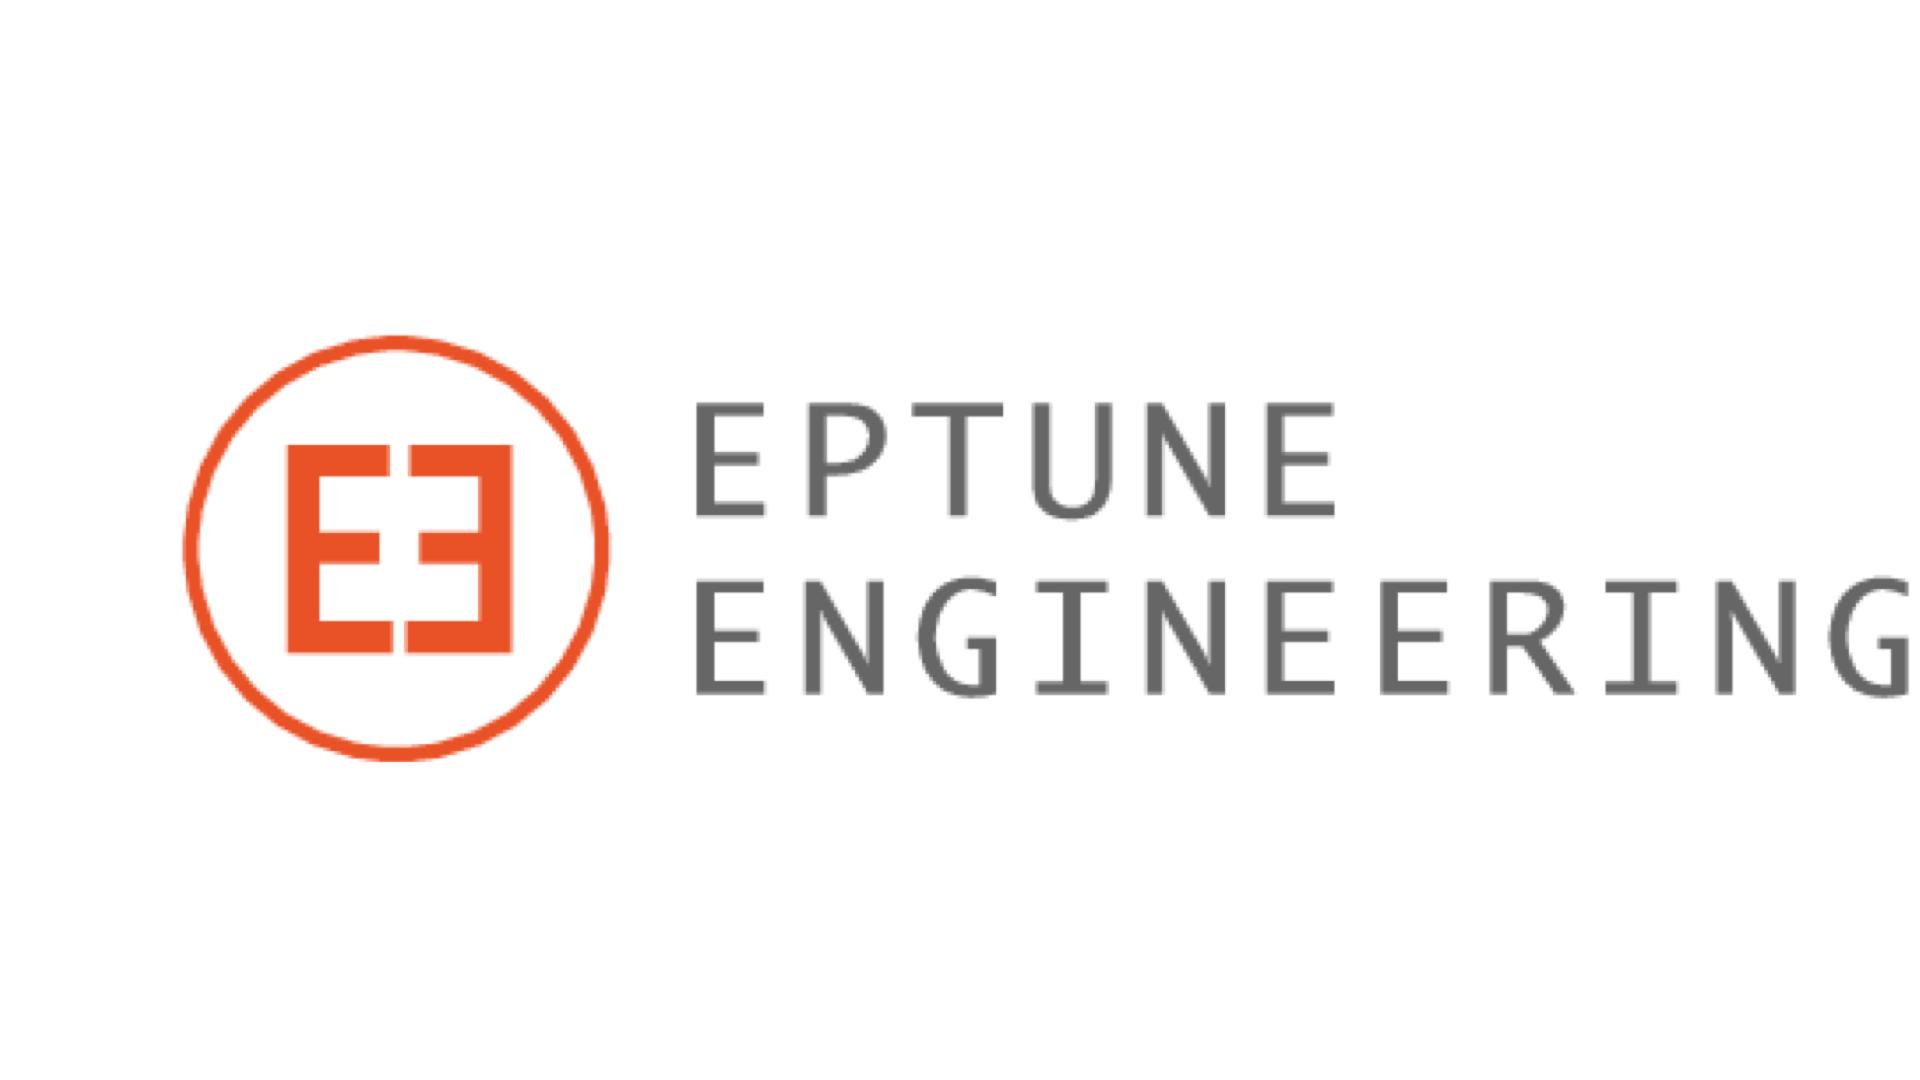 Eptune Engineering